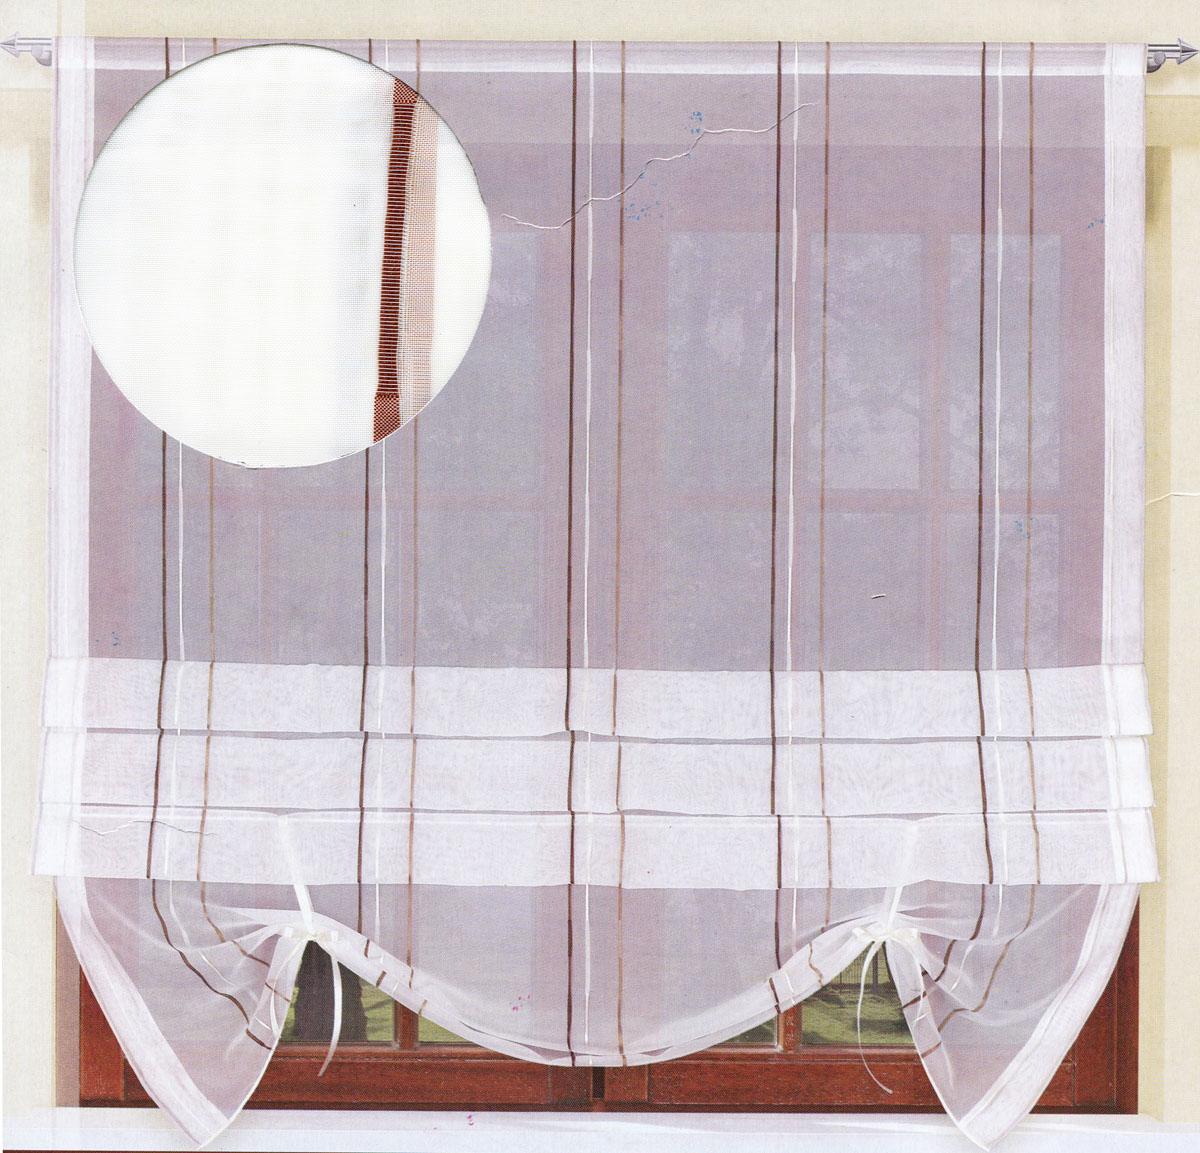 Гардина Haft, на ленте, цвет: молочный, высота 160 см. 200990/16088816Гардина Haft, изготовленная из органзы (100% полиэстера), великолепно украсит любое окно. Воздушная ткань, принт в полоску и приятная, приглушенная гамма привлекут к себе внимание и органично впишутся в интерьер помещения. Полиэстер - вид ткани, состоящий из полиэфирных волокон. Ткани из полиэстера - легкие, прочные и износостойкие. Такие изделия не требуют специального ухода, не пылятся и почти не мнутся.Гардина крепится на карниз при помощи ленты, которая поможет красиво и равномерно задрапировать верх. Такая гардина идеально оформит интерьер любого помещения.